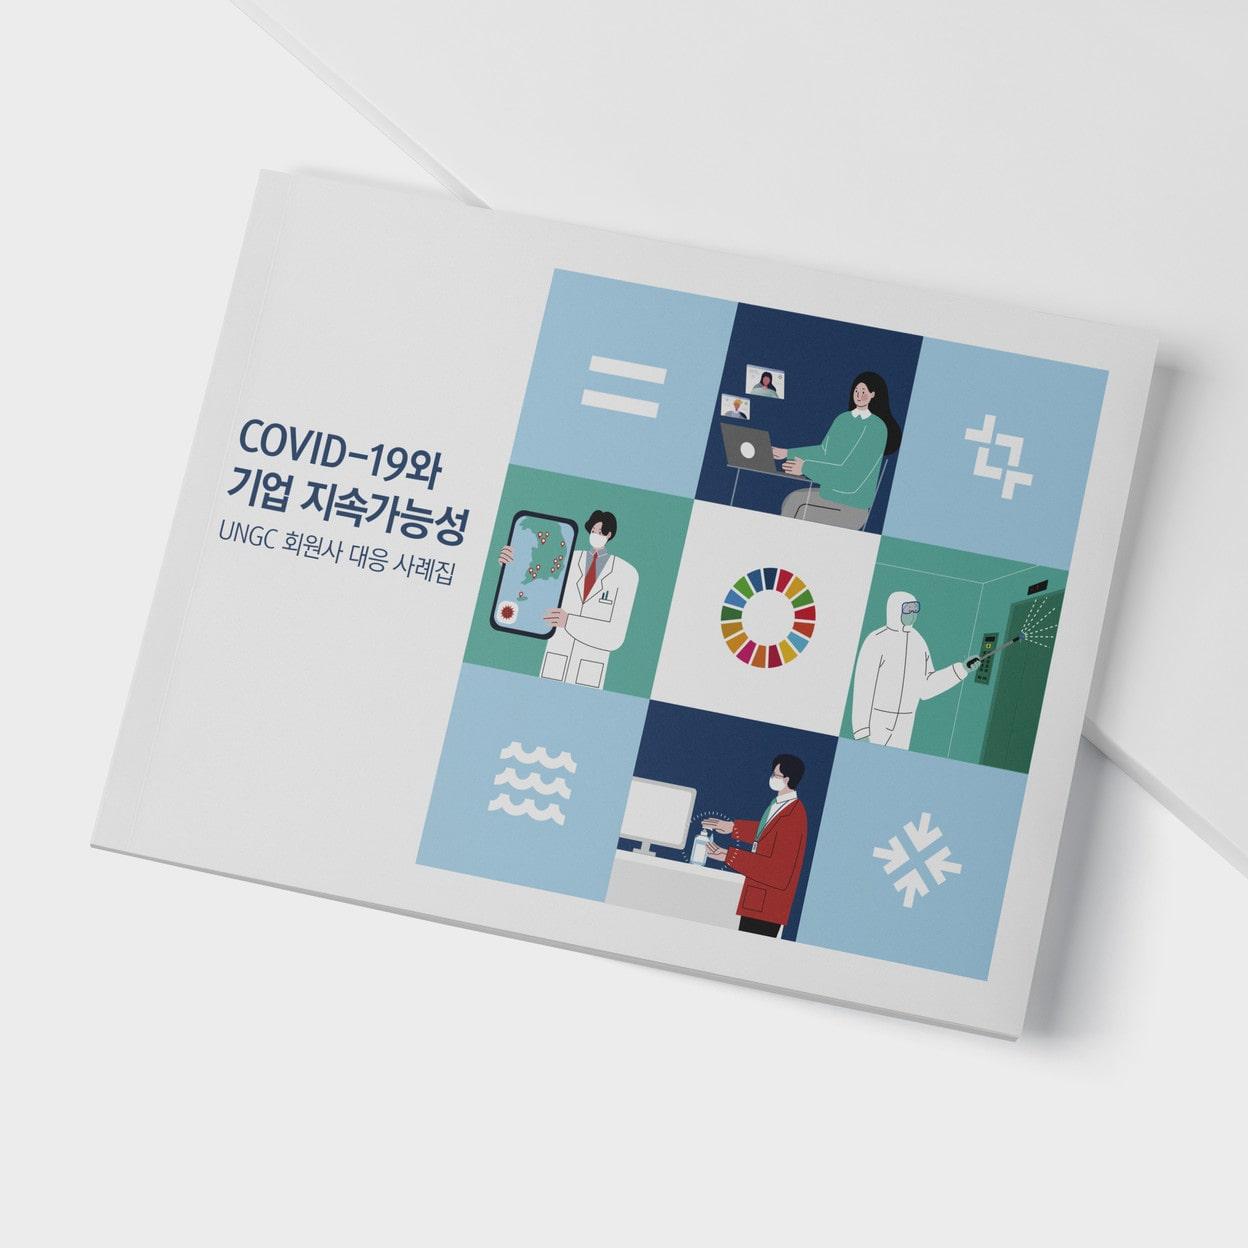 COVID-19와 기업 지속가능성 사례집 디자인 시안 - 유엔글로벌콤팩트